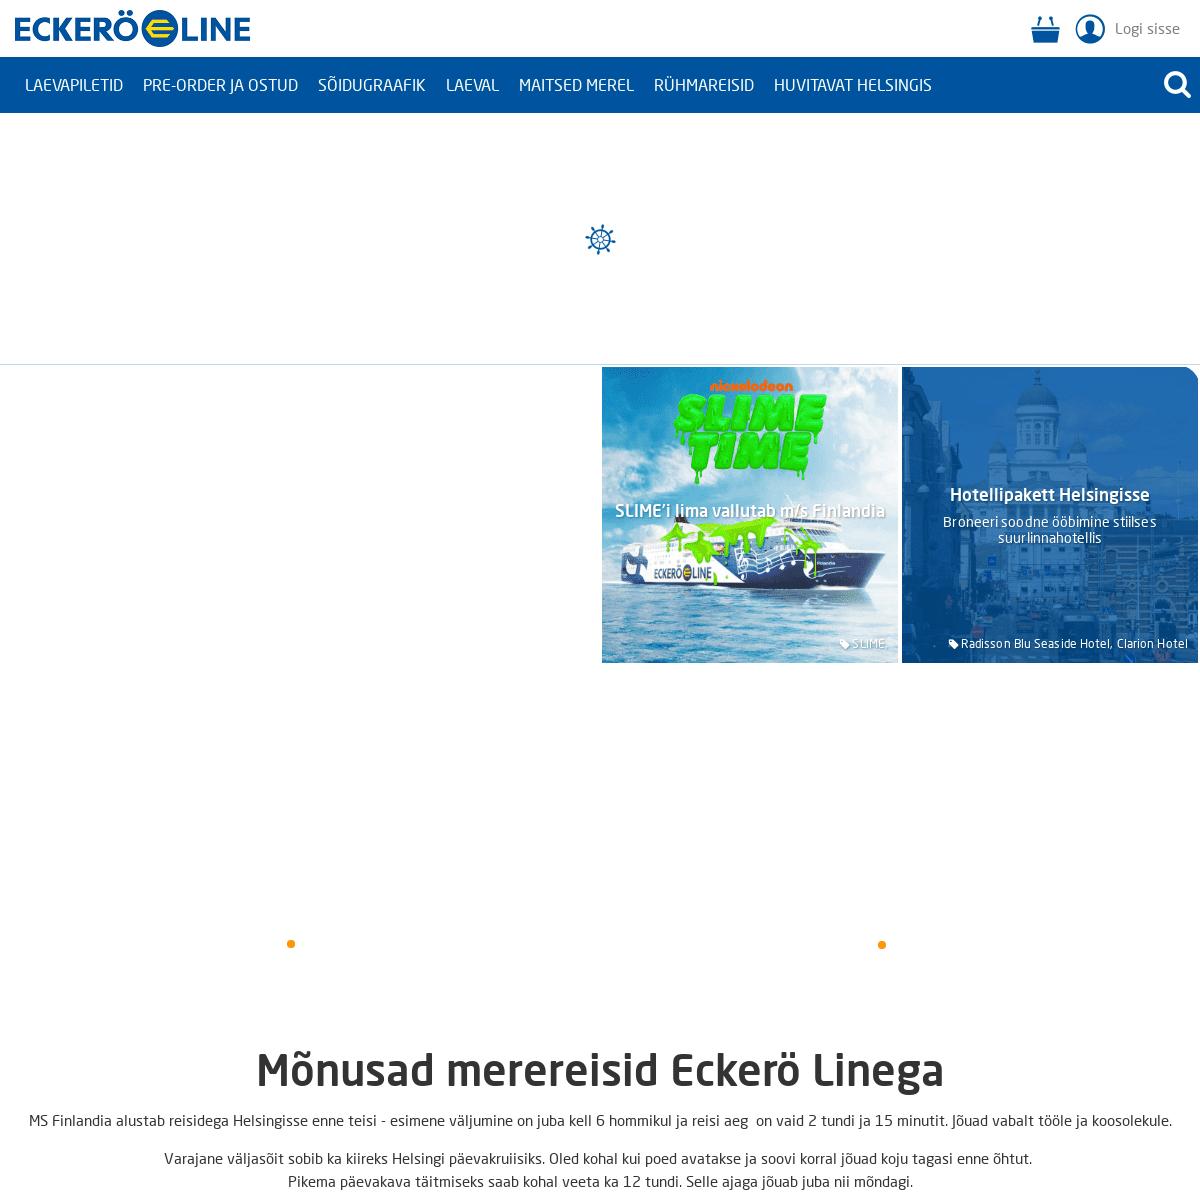 ArchiveBay.com - eckeroline.ee - Liinireisid ja päevakruiisid Helsingisse, auto- ja hotellipaketid. -Eckerö Line